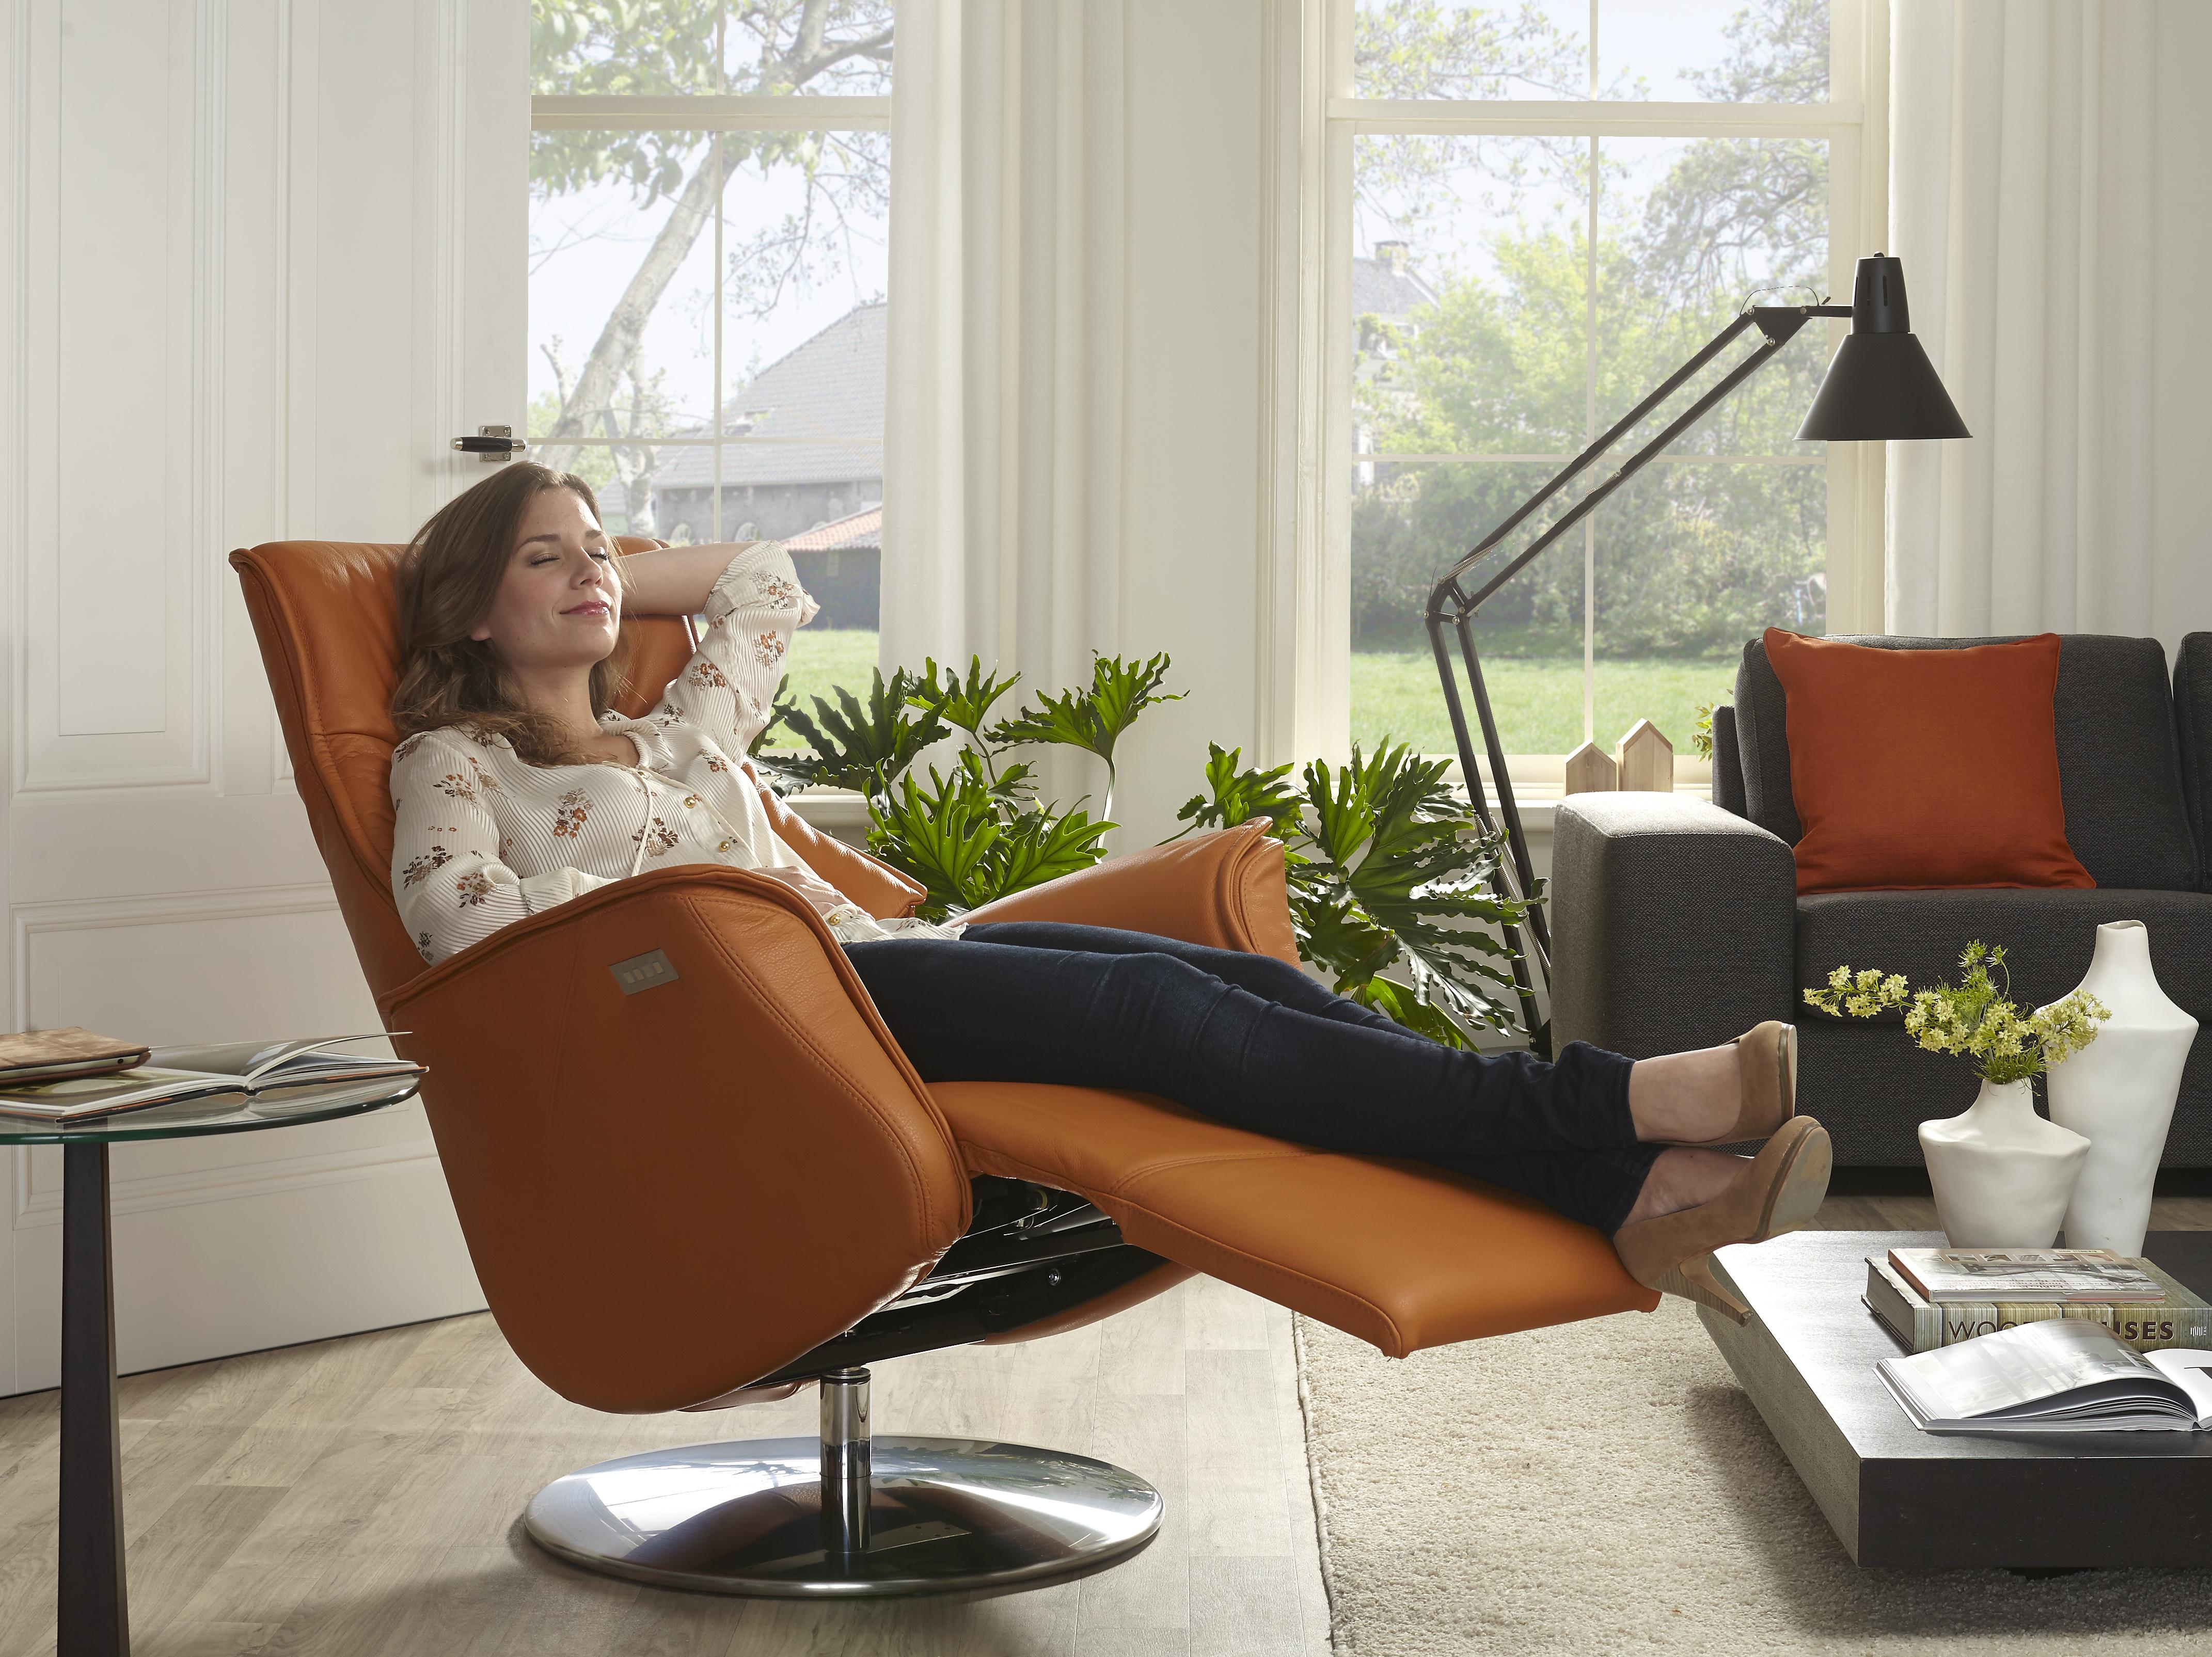 Ontdek onze relaxstoelen